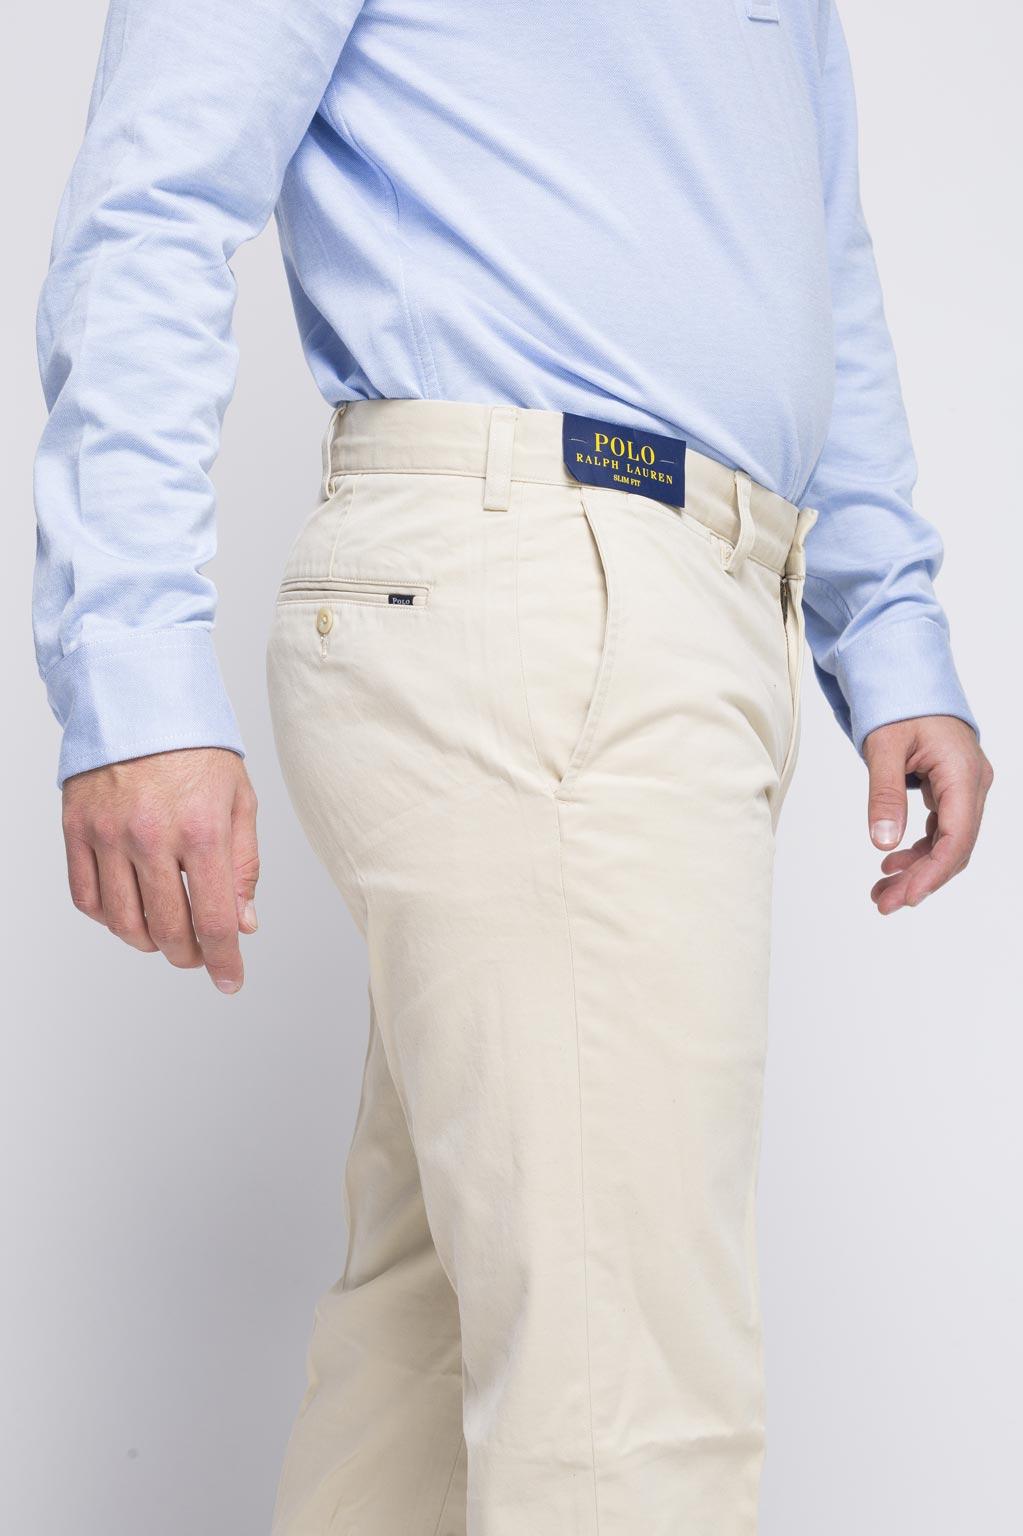 מכנסיים לגבר POLO RALPH LAUREN - קרם בהיר